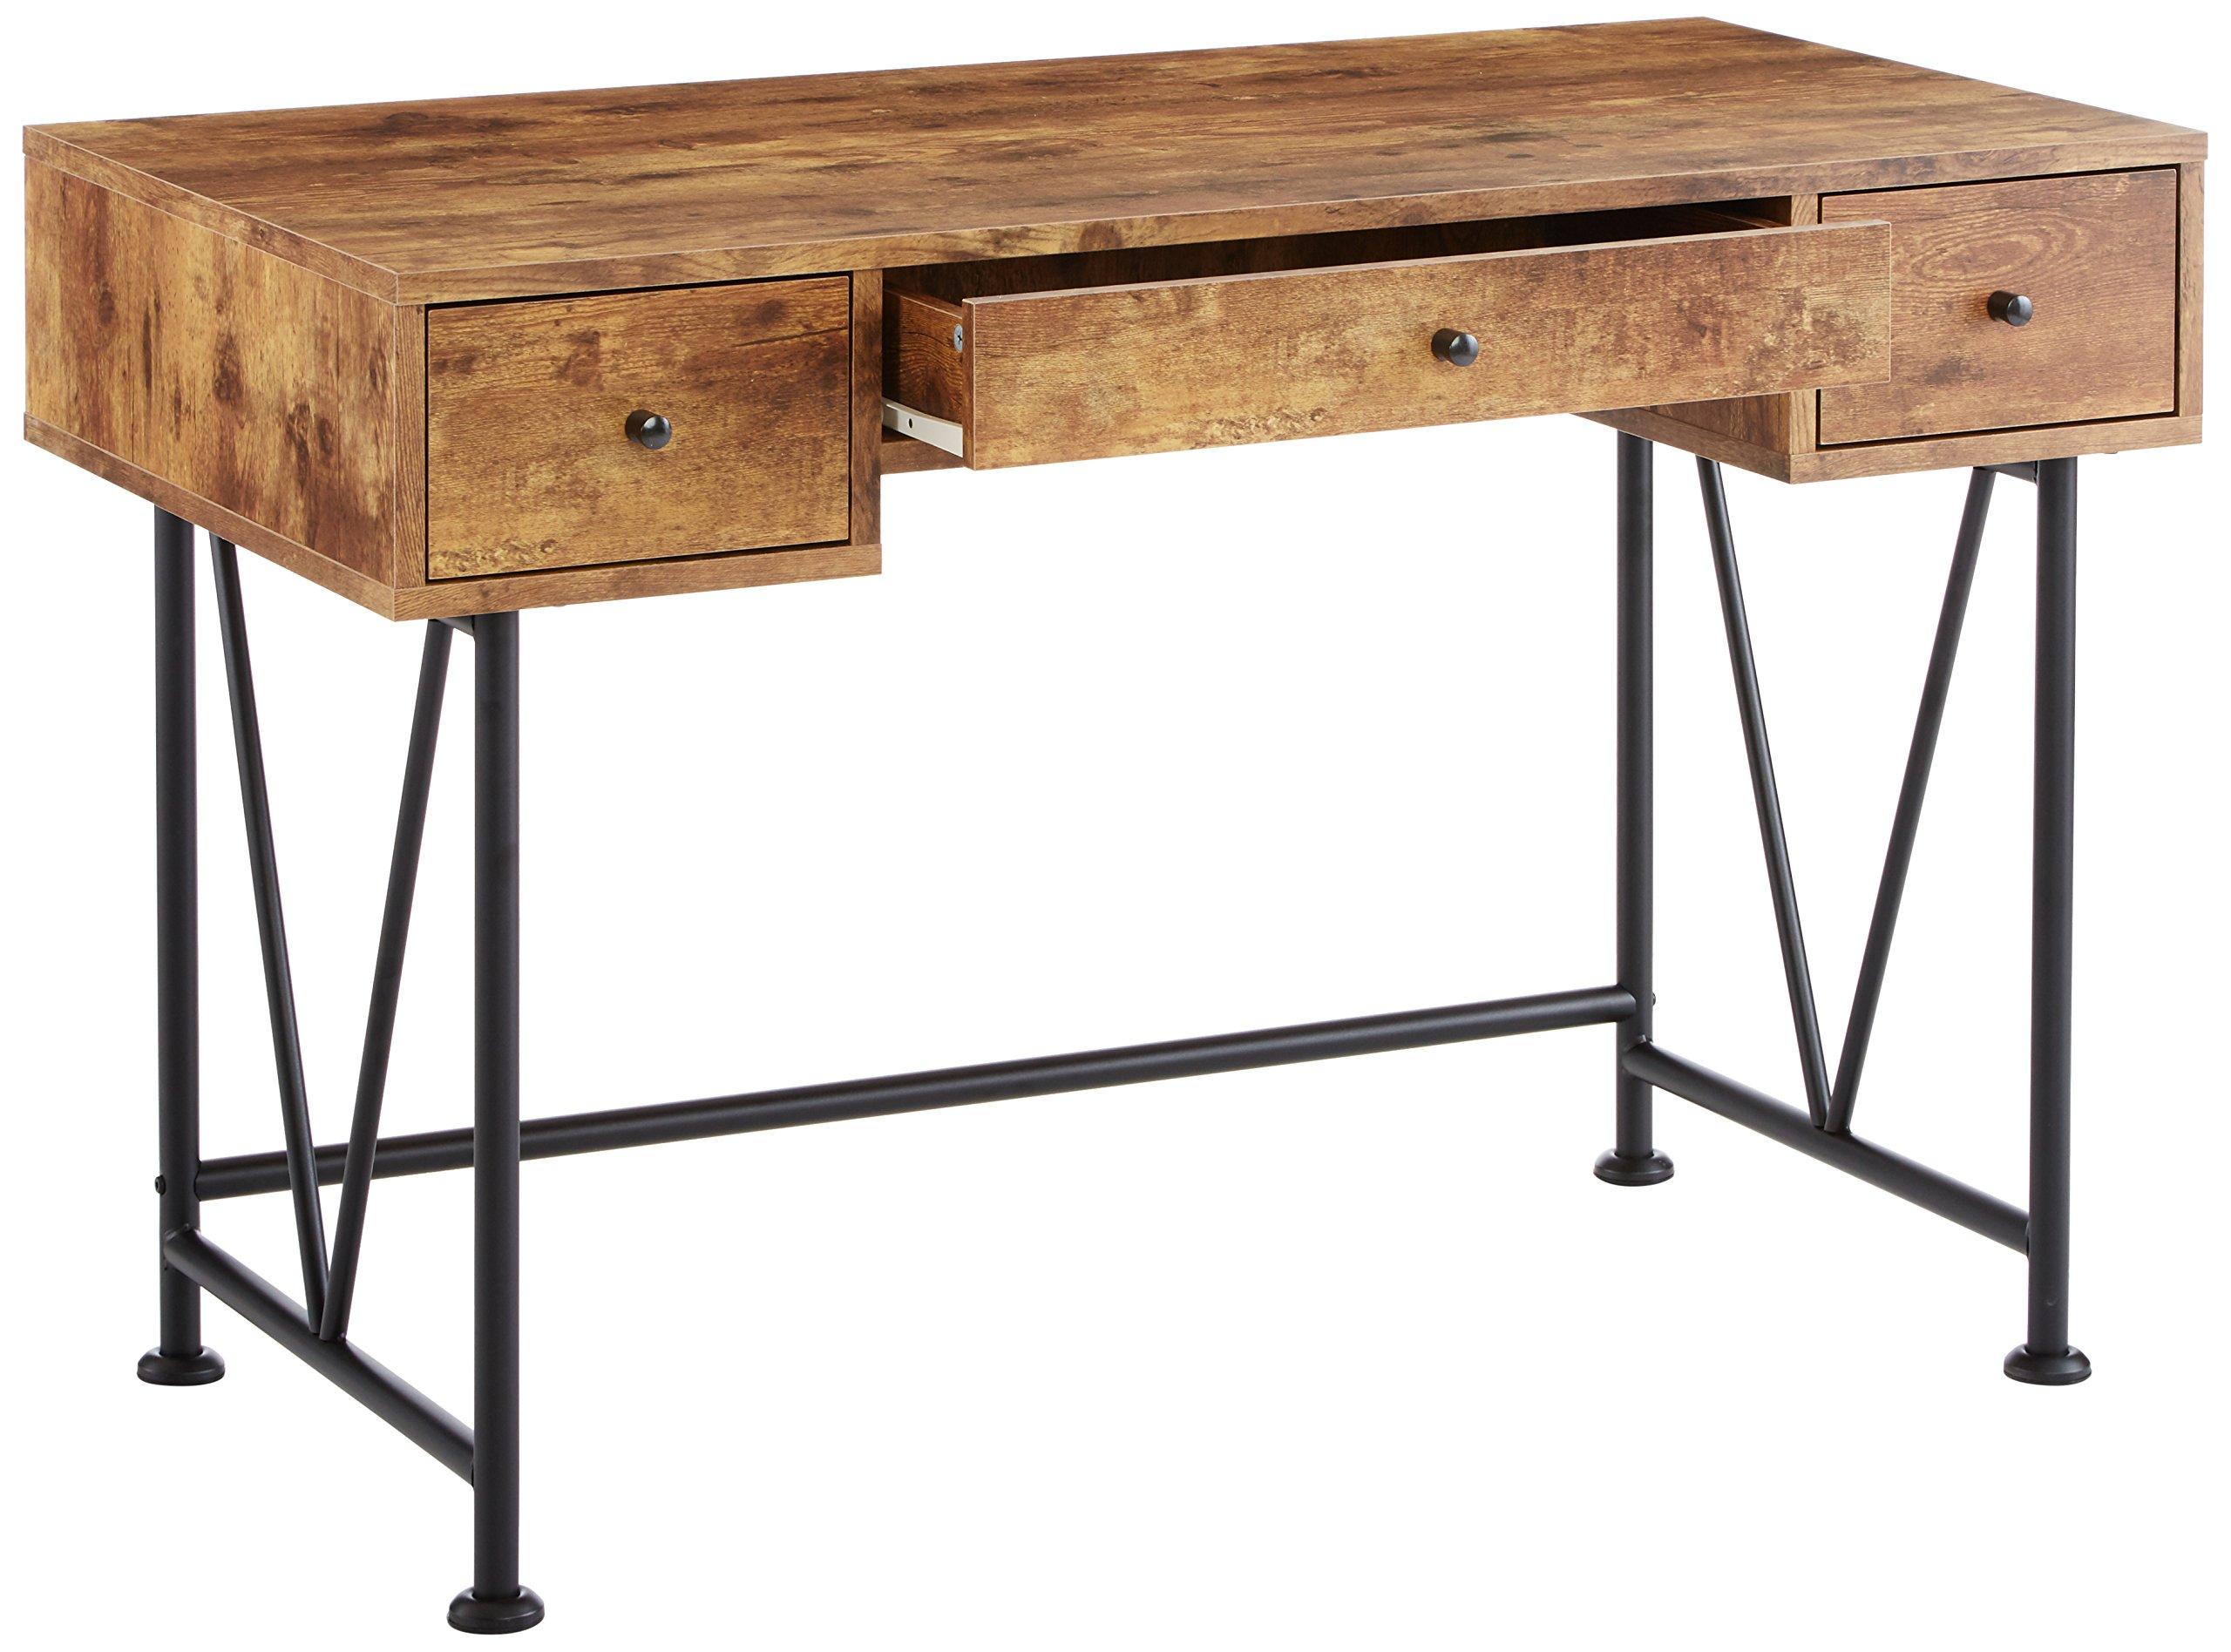 glavan 3 drawer writing desk with antique nutmeg and black 21032325282 ebay. Black Bedroom Furniture Sets. Home Design Ideas